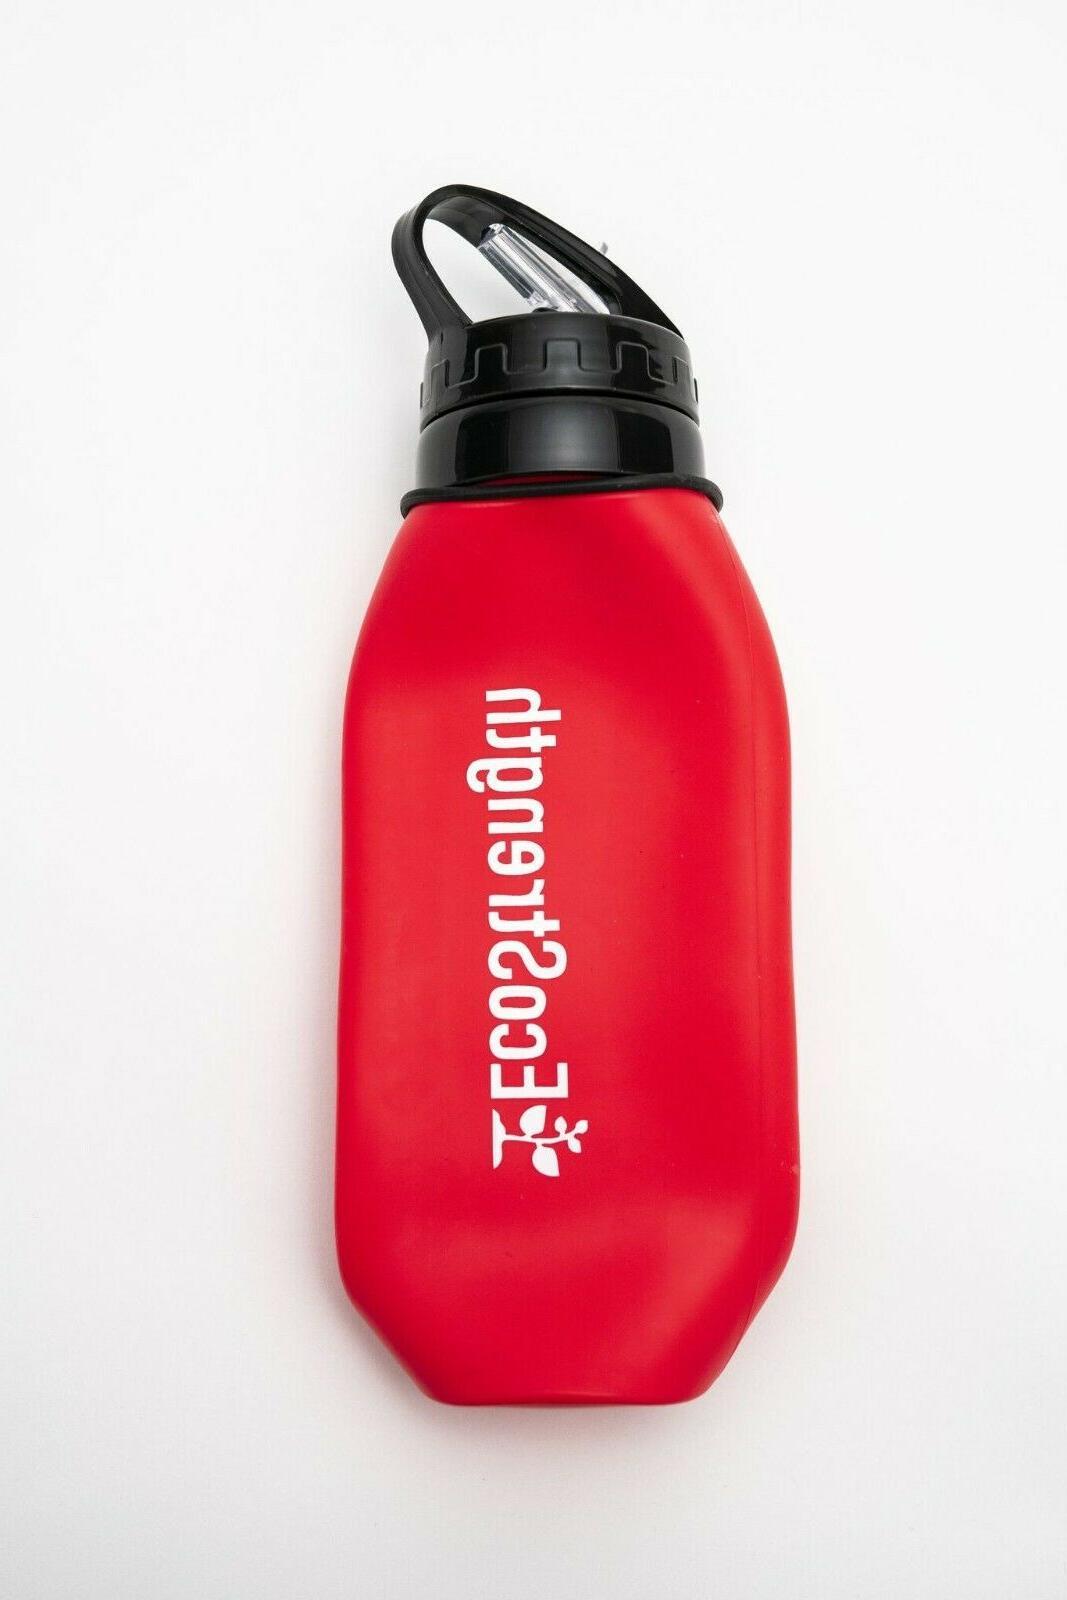 Silicone Space Saving Bottles